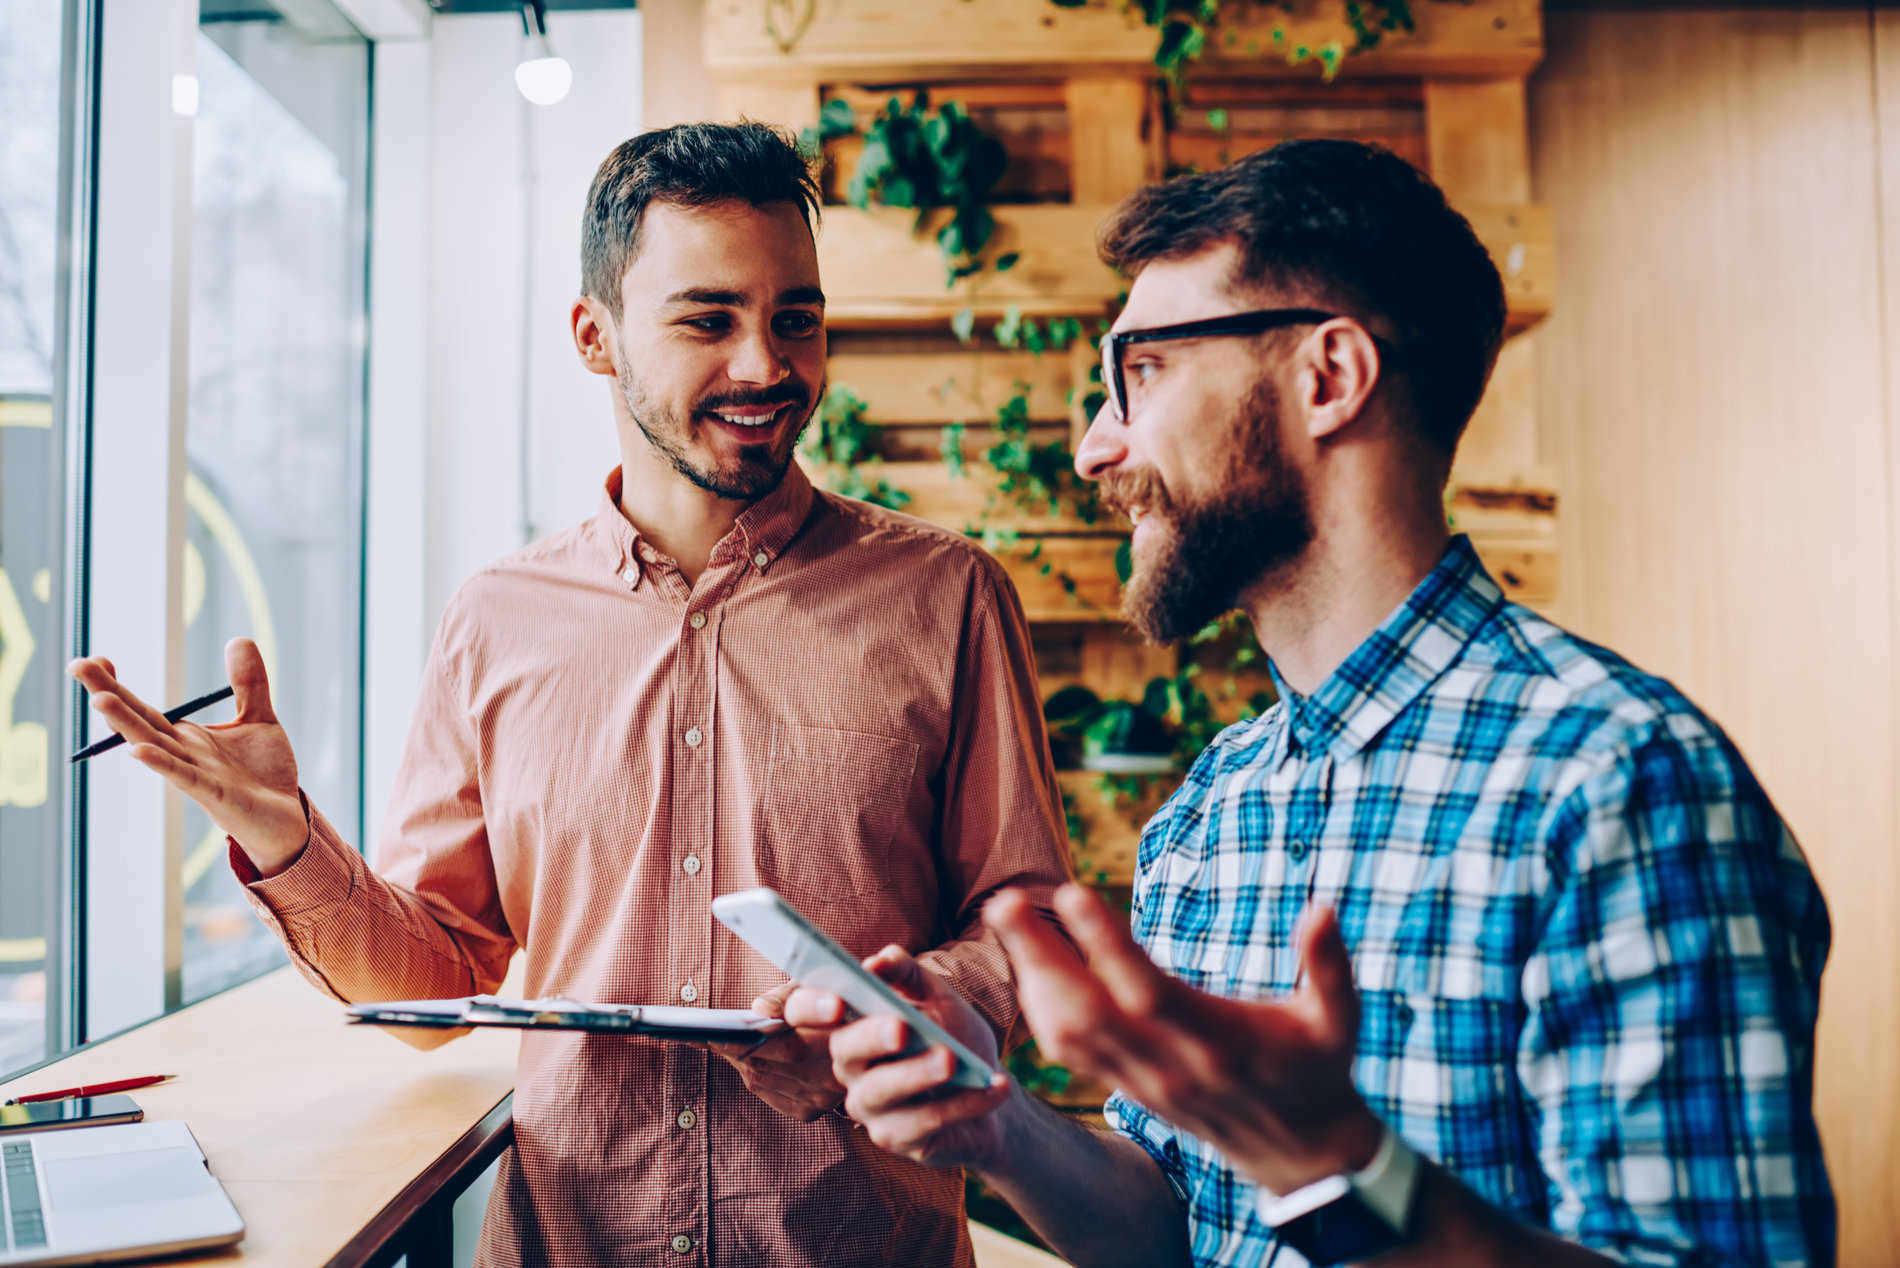 Imagen 4 en Qué es la Inteligencia Emocional y cómo aplicarla en tu entorno laboral